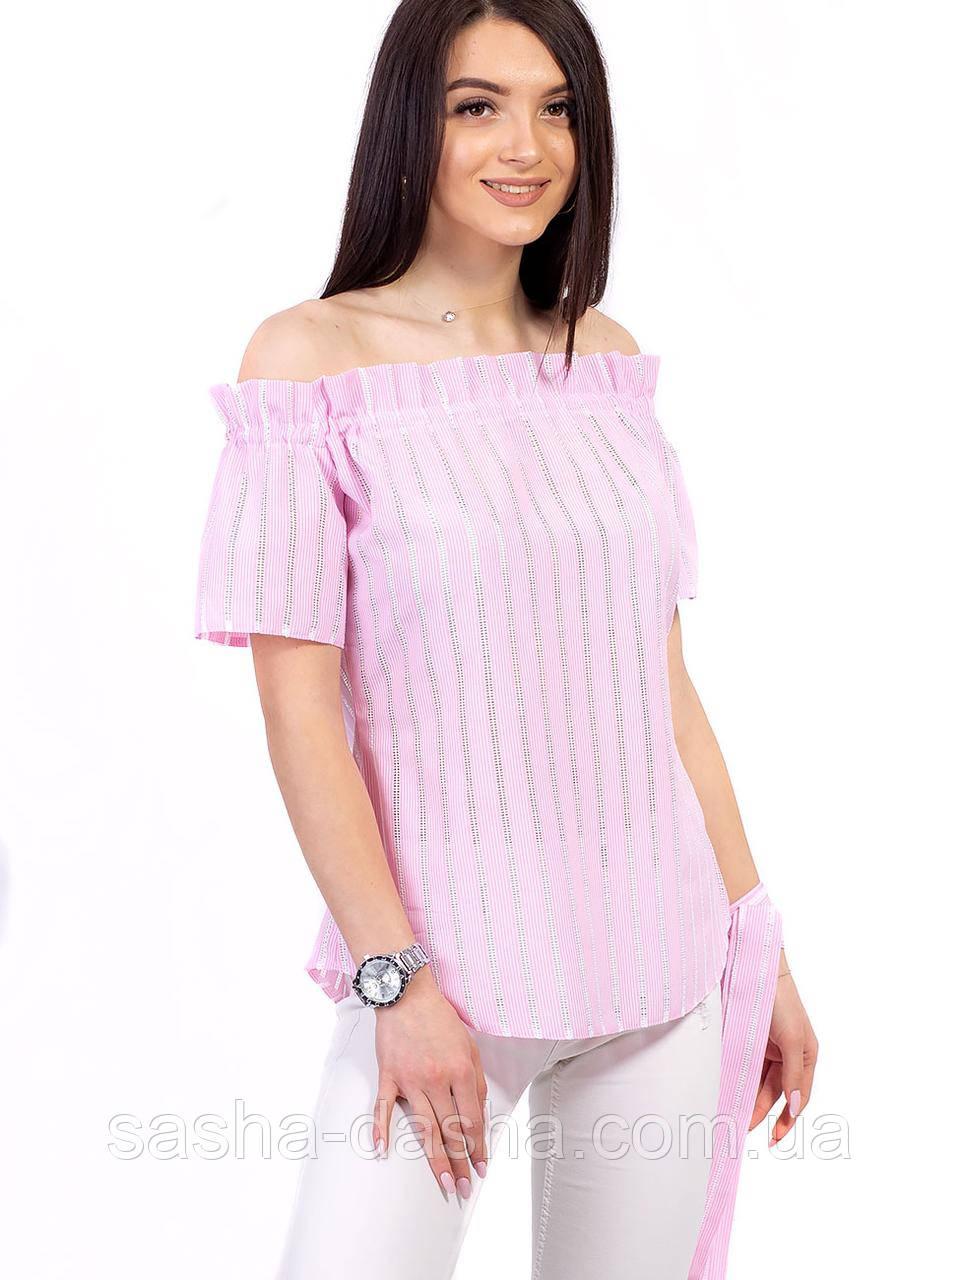 🌺 Блузка летняя хлопковая с резинкой на плечах и поясом